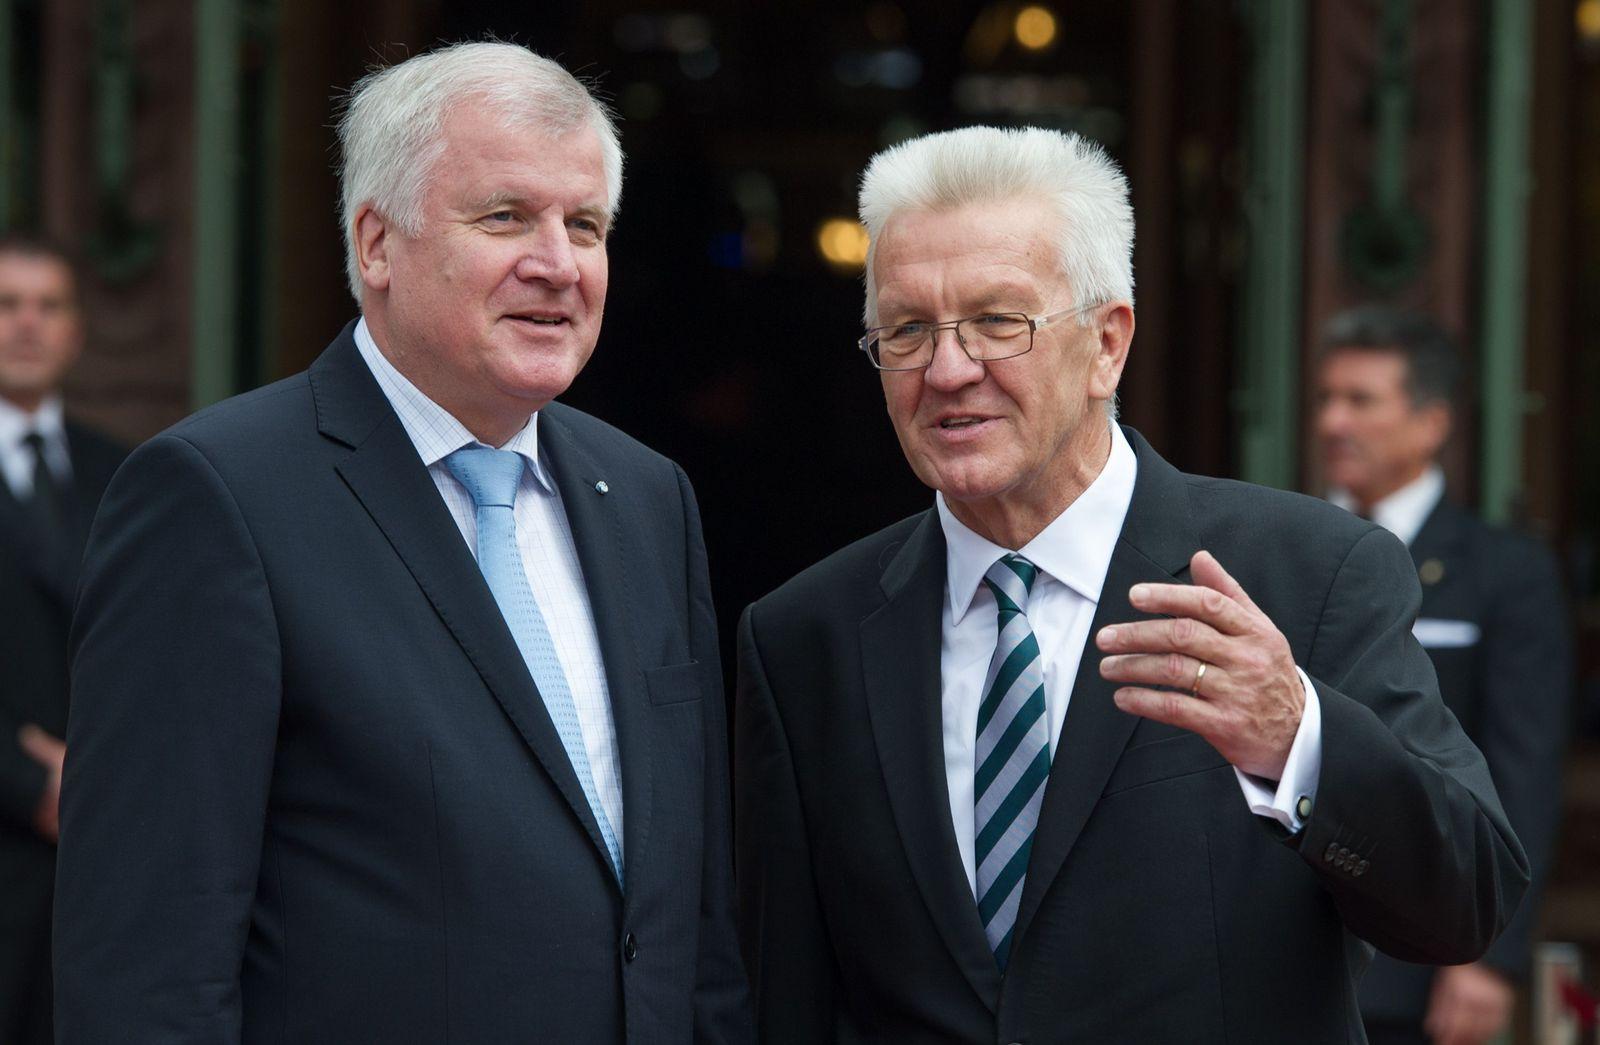 Winfried Kretschmann / Horst Seehofer